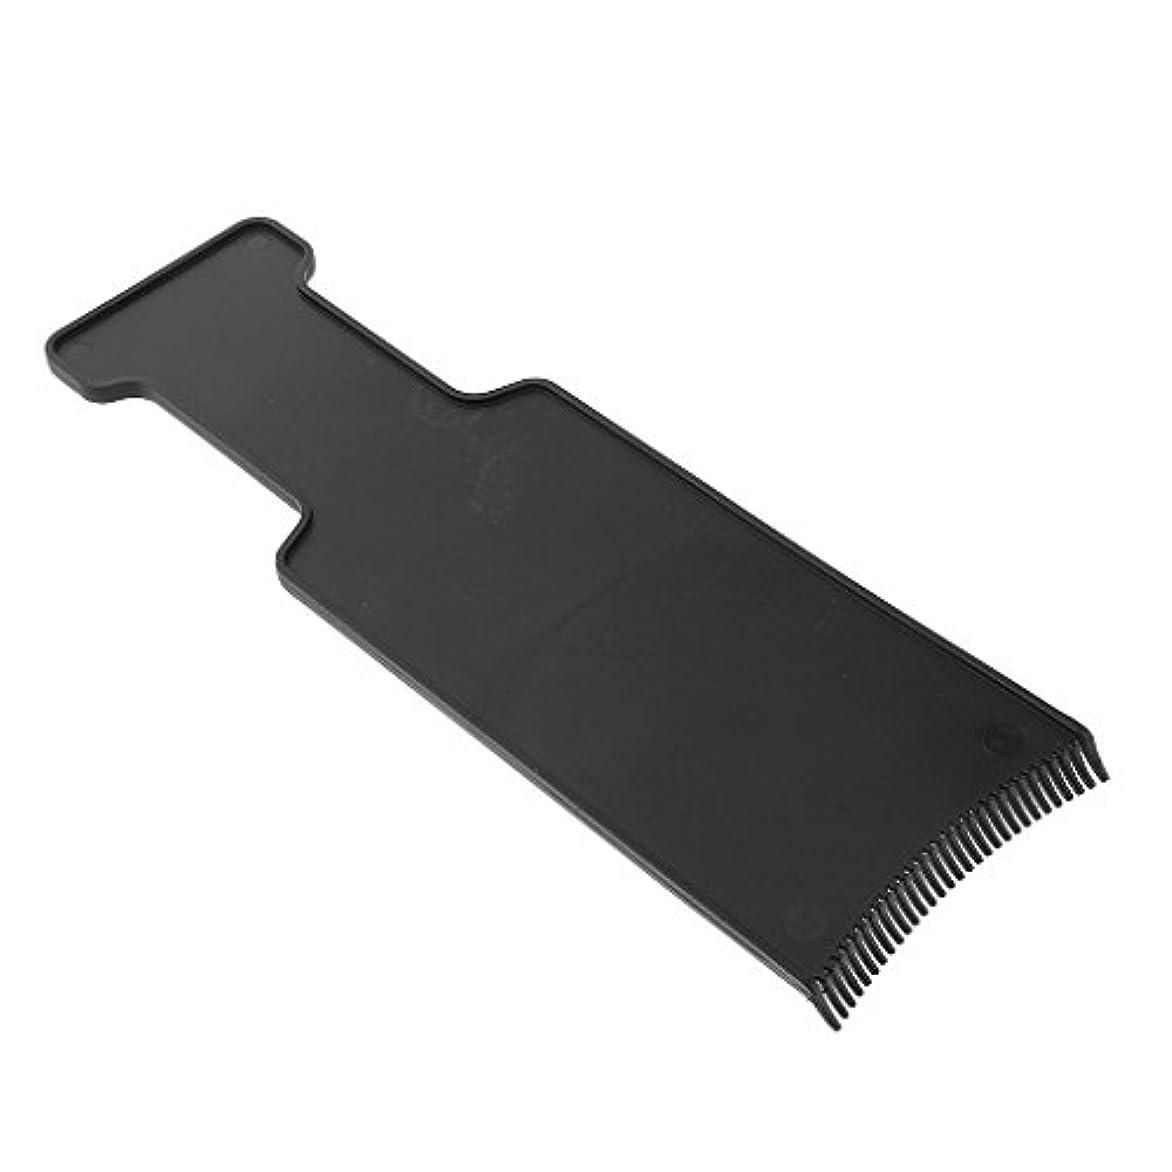 スタイルプールバンドルヘアカラー ボード 染色 ツール ブラック 全4サイズ - M